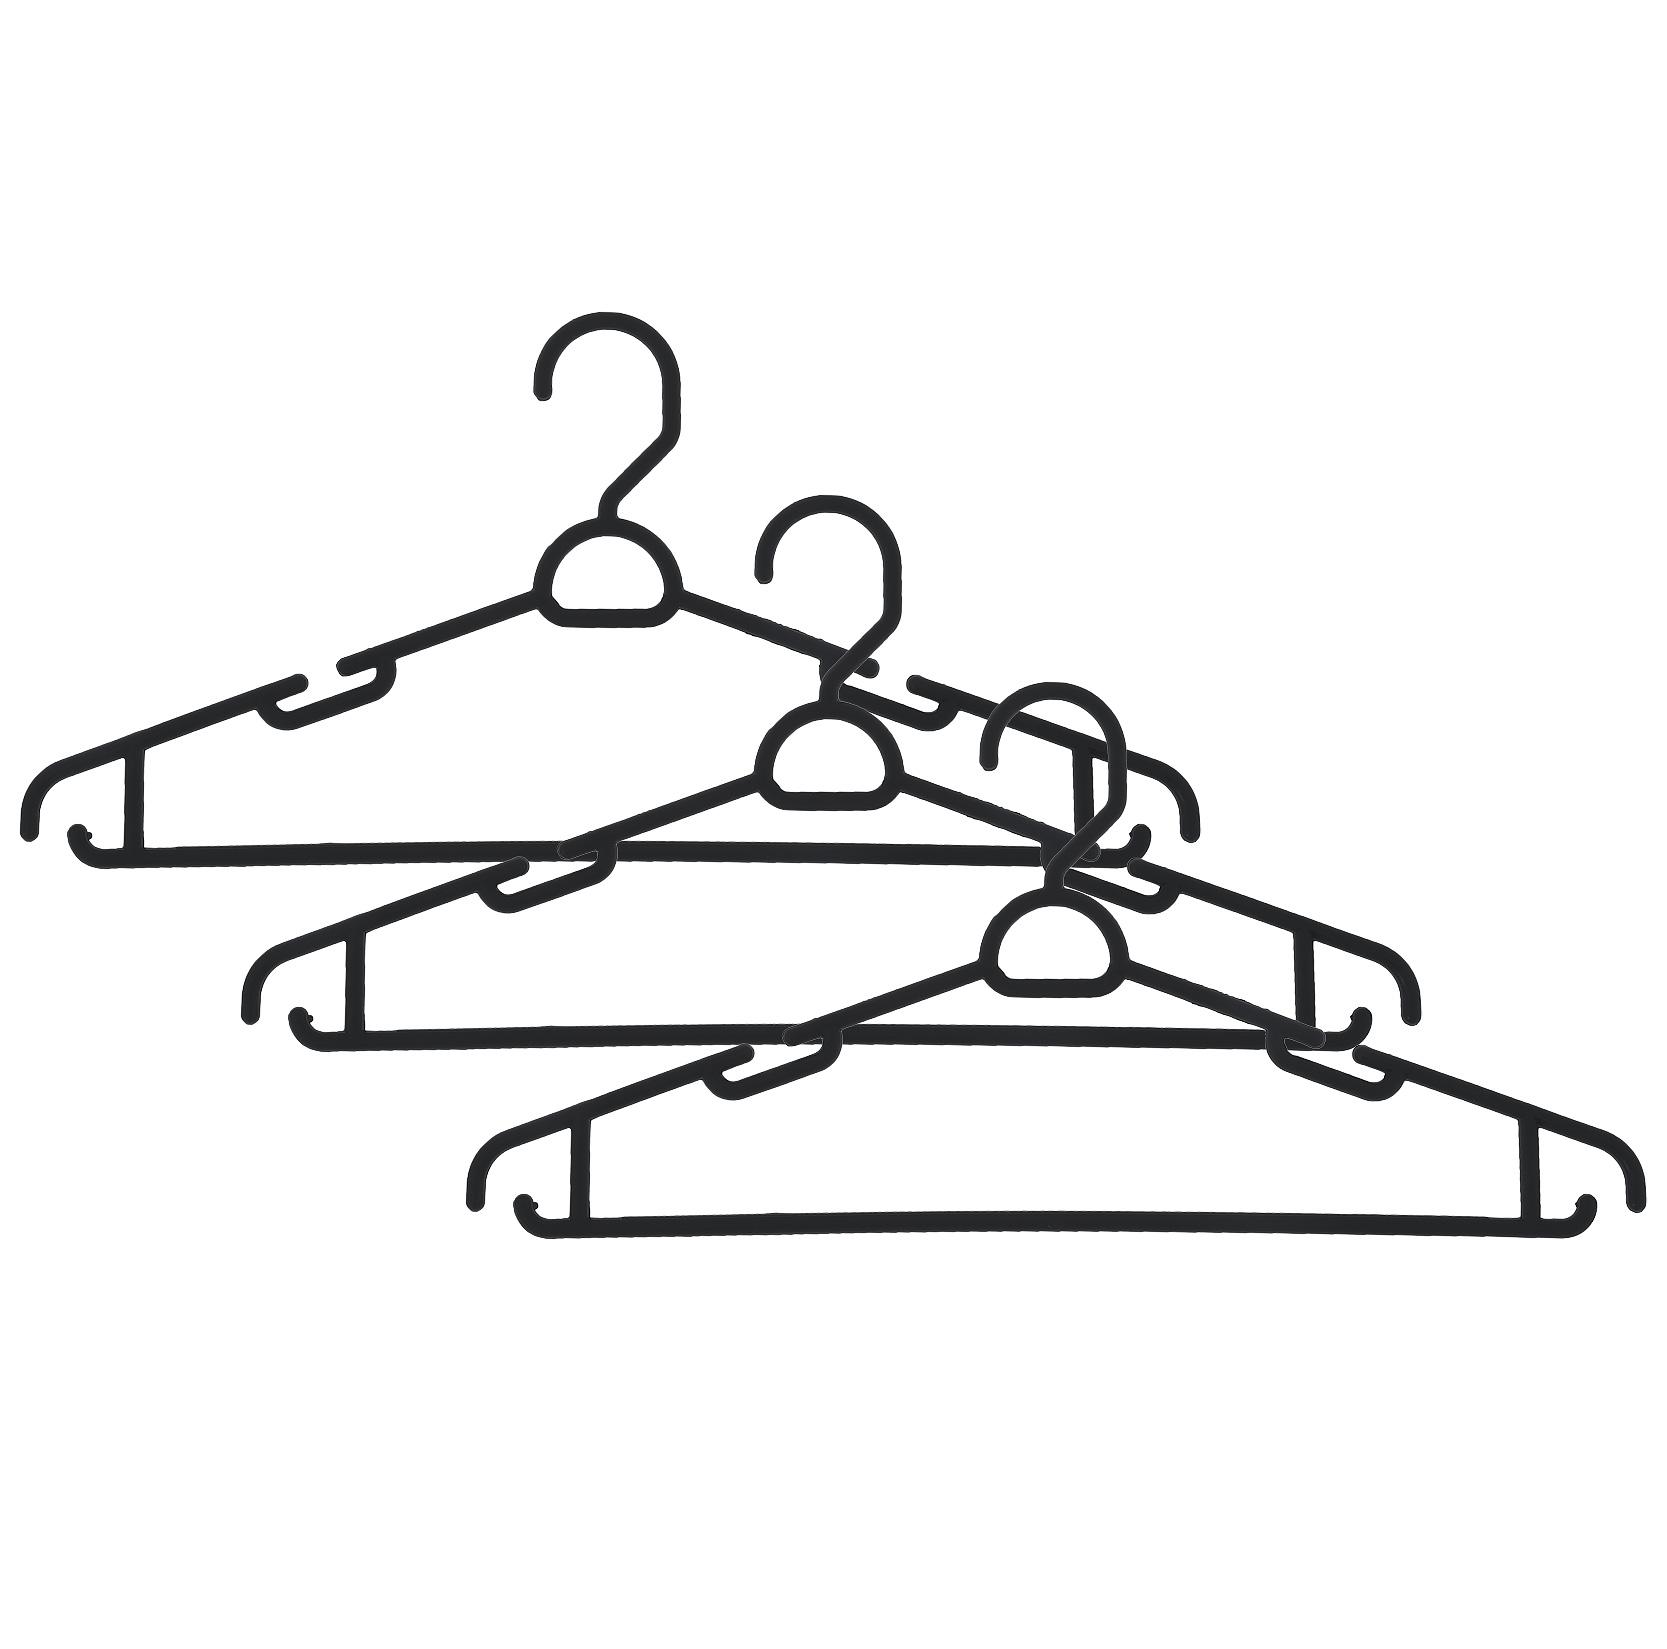 Набор вешалок Полимербыт, с перекладиной, с крючками, цвет: черный, размер 52-54, 3 штС911Набор Полимербыт, выполненный из прочного пластика, состоит из 3 вешалок. Каждое изделие оснащено перекладиной, боковыми крючками, а также выемками для петелек одежды. Вешалка - это незаменимая вещь для того, чтобы ваша одежда всегда оставалась в хорошем состоянии. Комплектация: 3 шт. Размер одежды: 52-54.